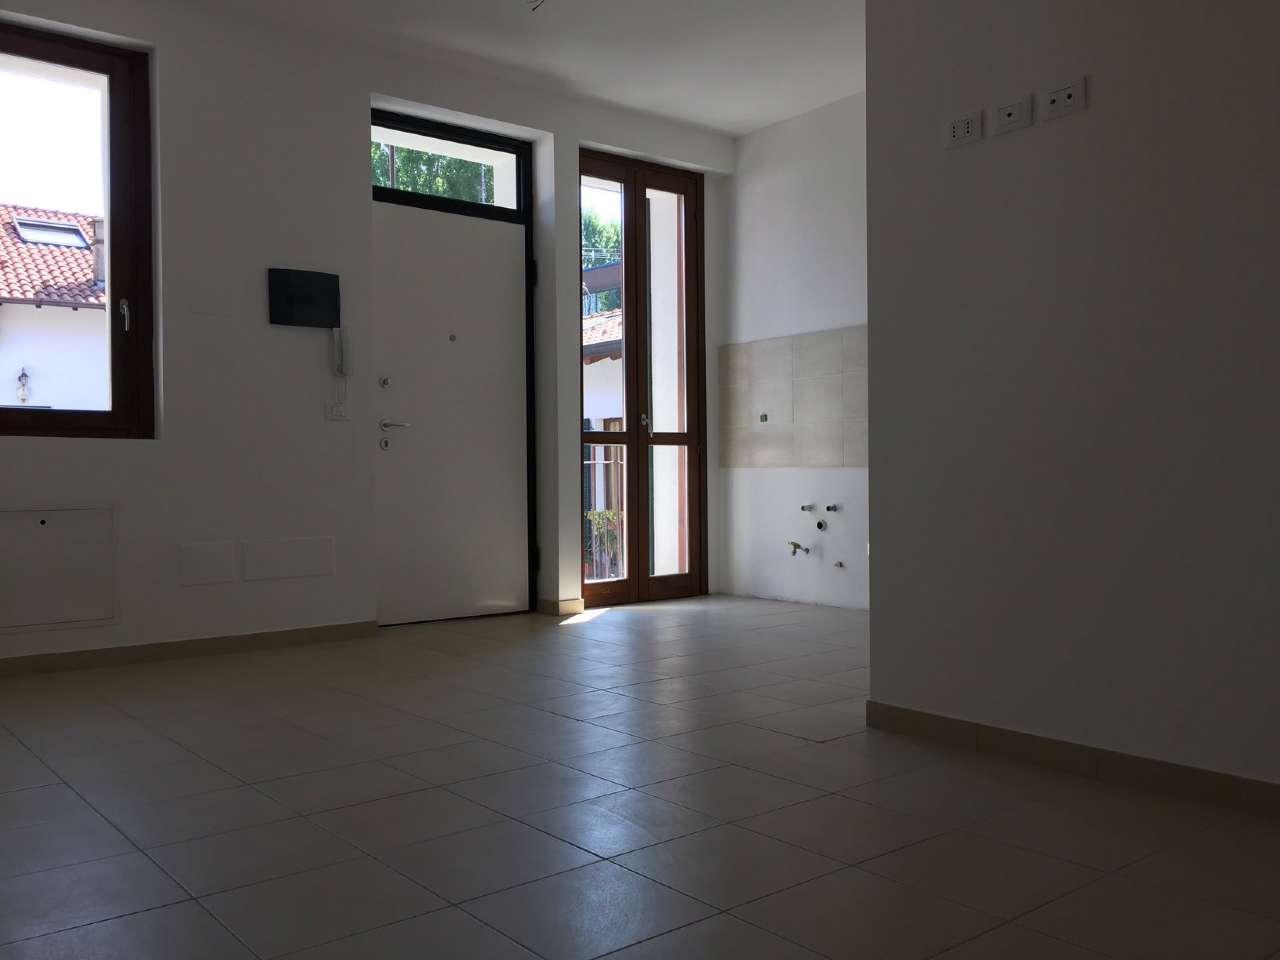 Appartamento in vendita a Gessate, 3 locali, prezzo € 121.000 | Cambio Casa.it